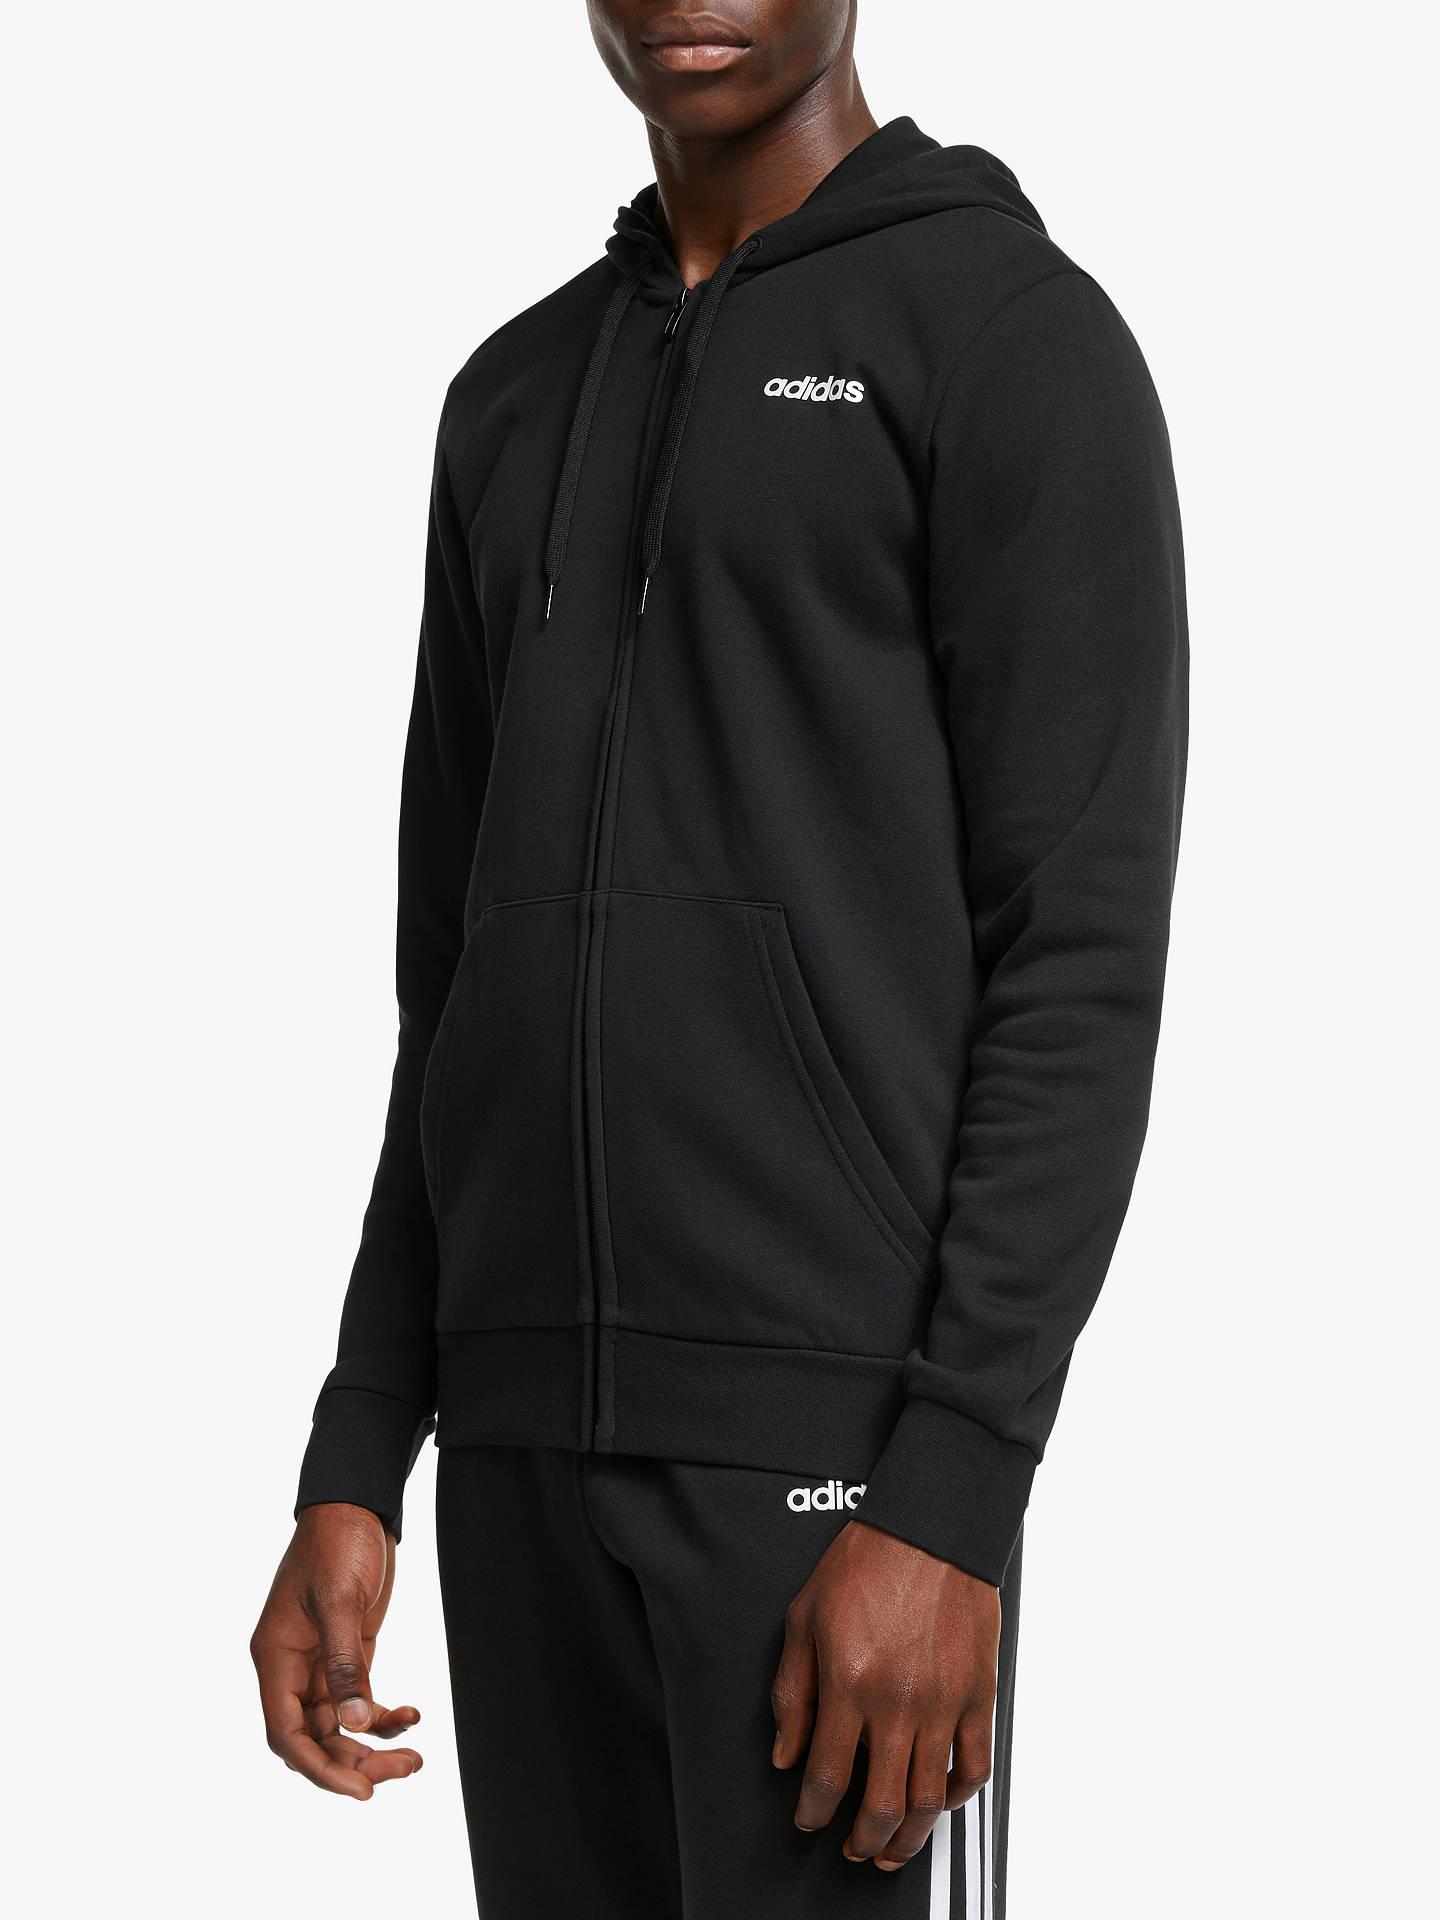 adidas Linear Zip Hoodie Mens